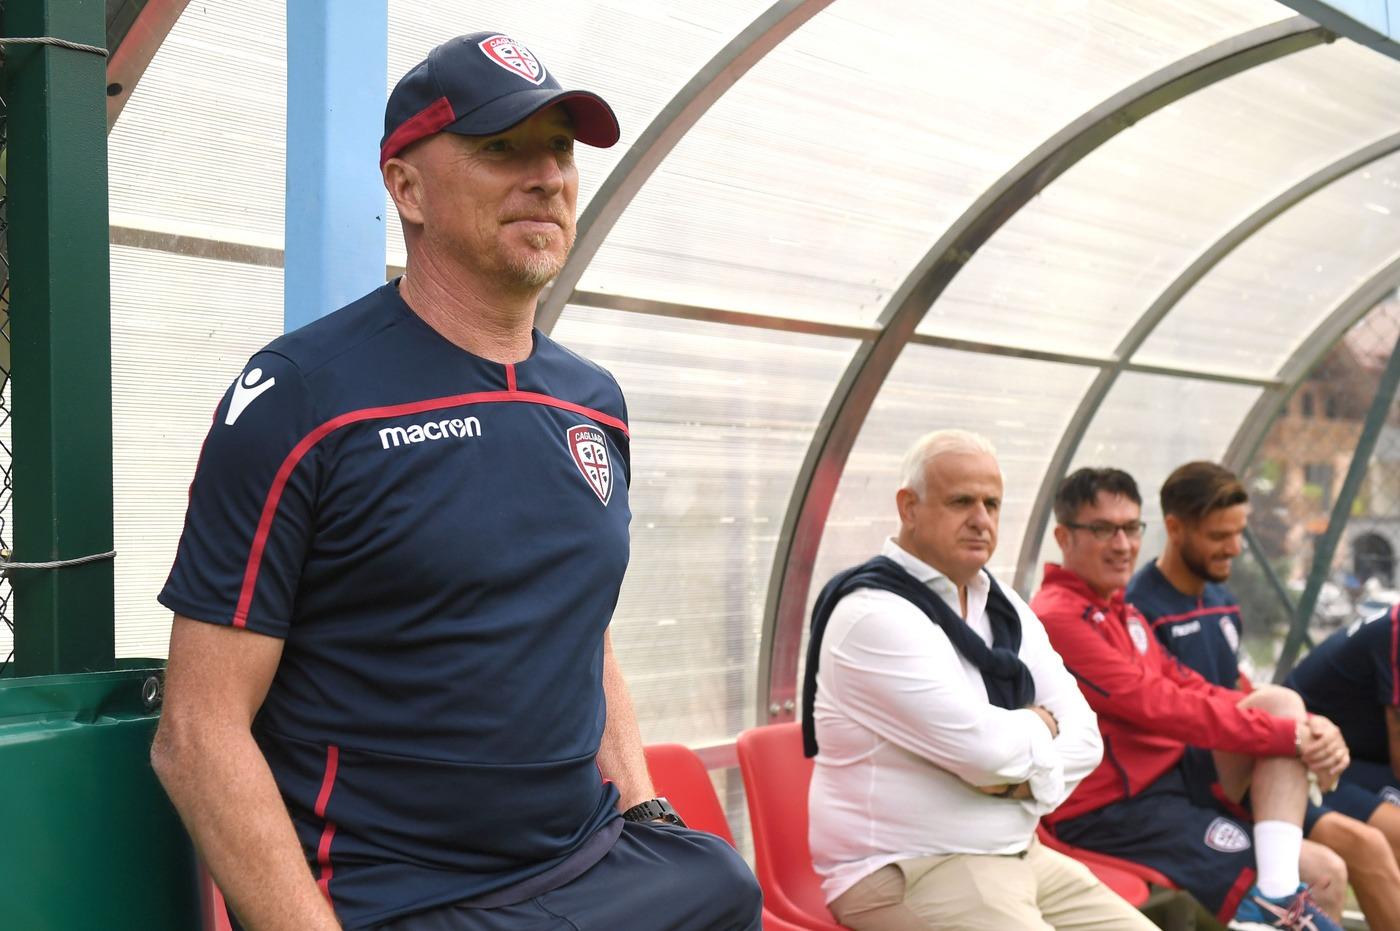 Serie A, Atalanta-Cagliari 2 settembre: analisi e pronostico della giornata della massima divisione calcistica italiana! Probabili formazioni